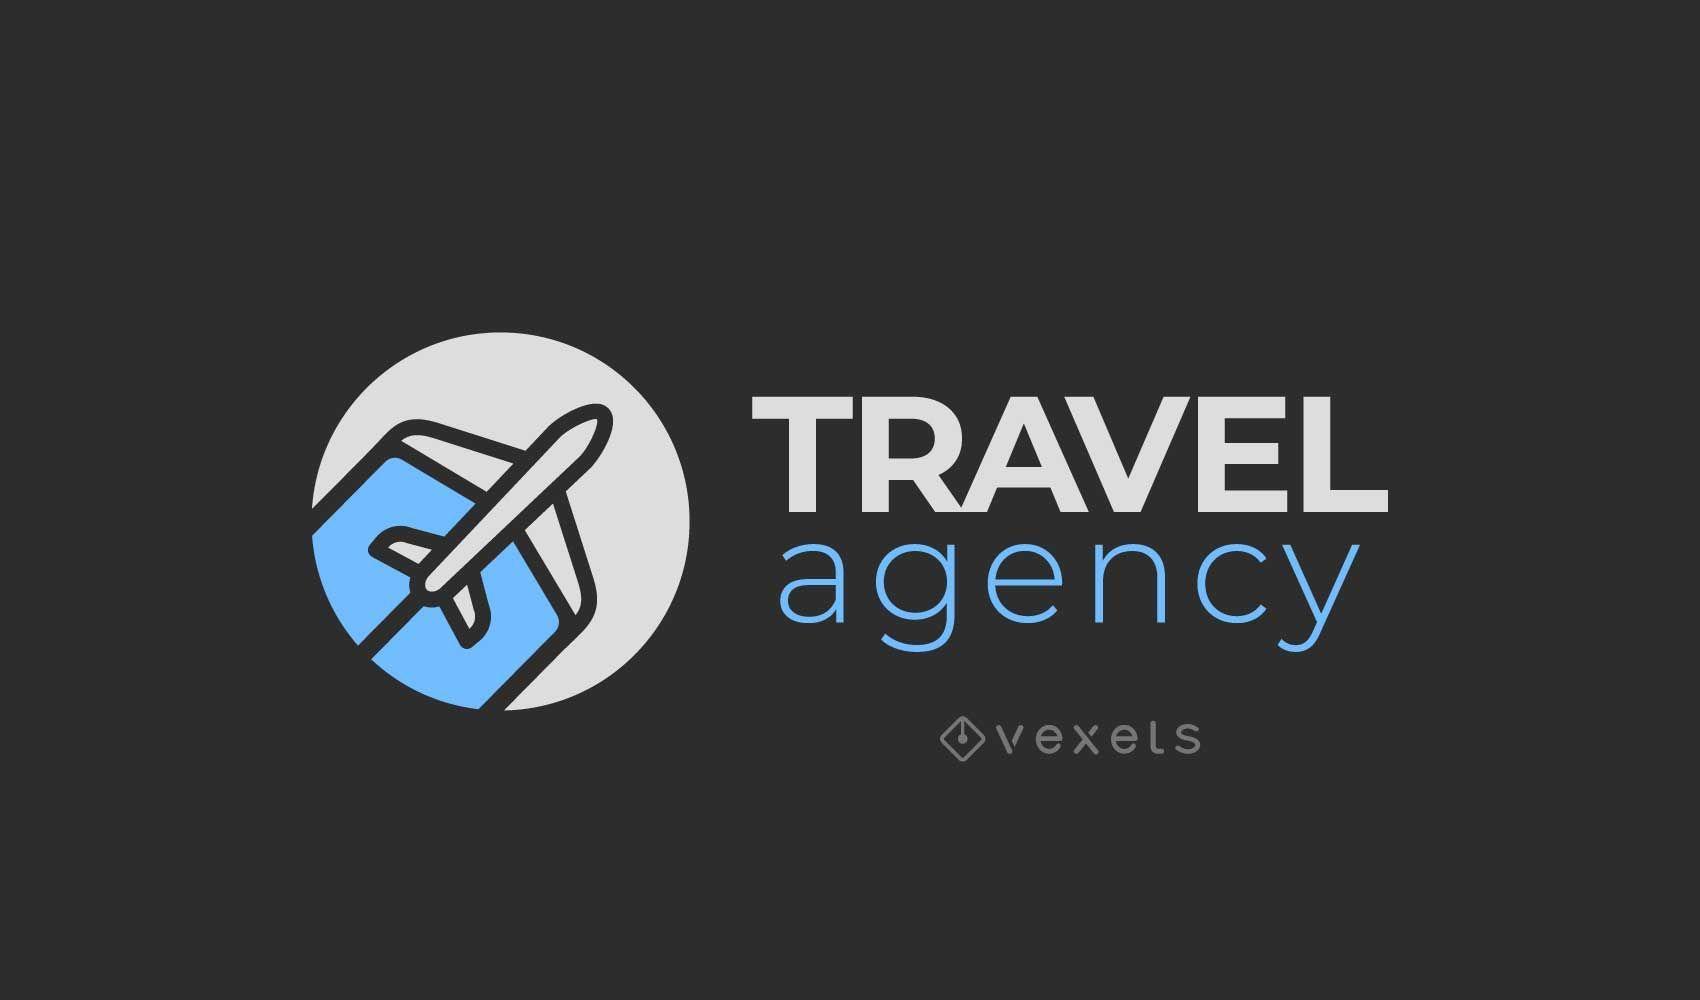 Diseño de logo de agencia de viajes